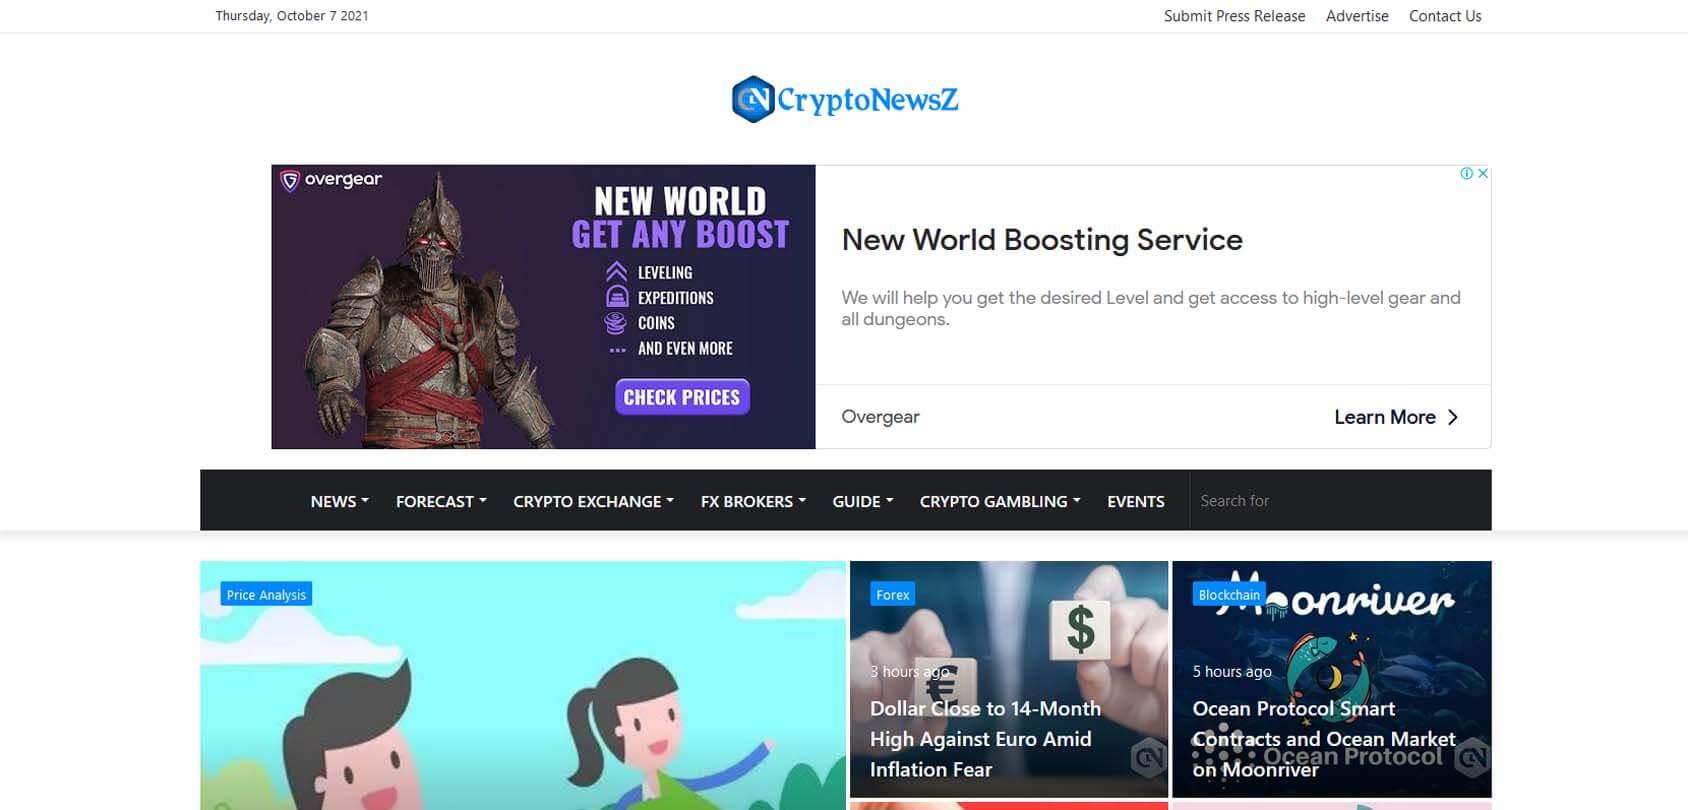 CryptoNewsZ Homepage